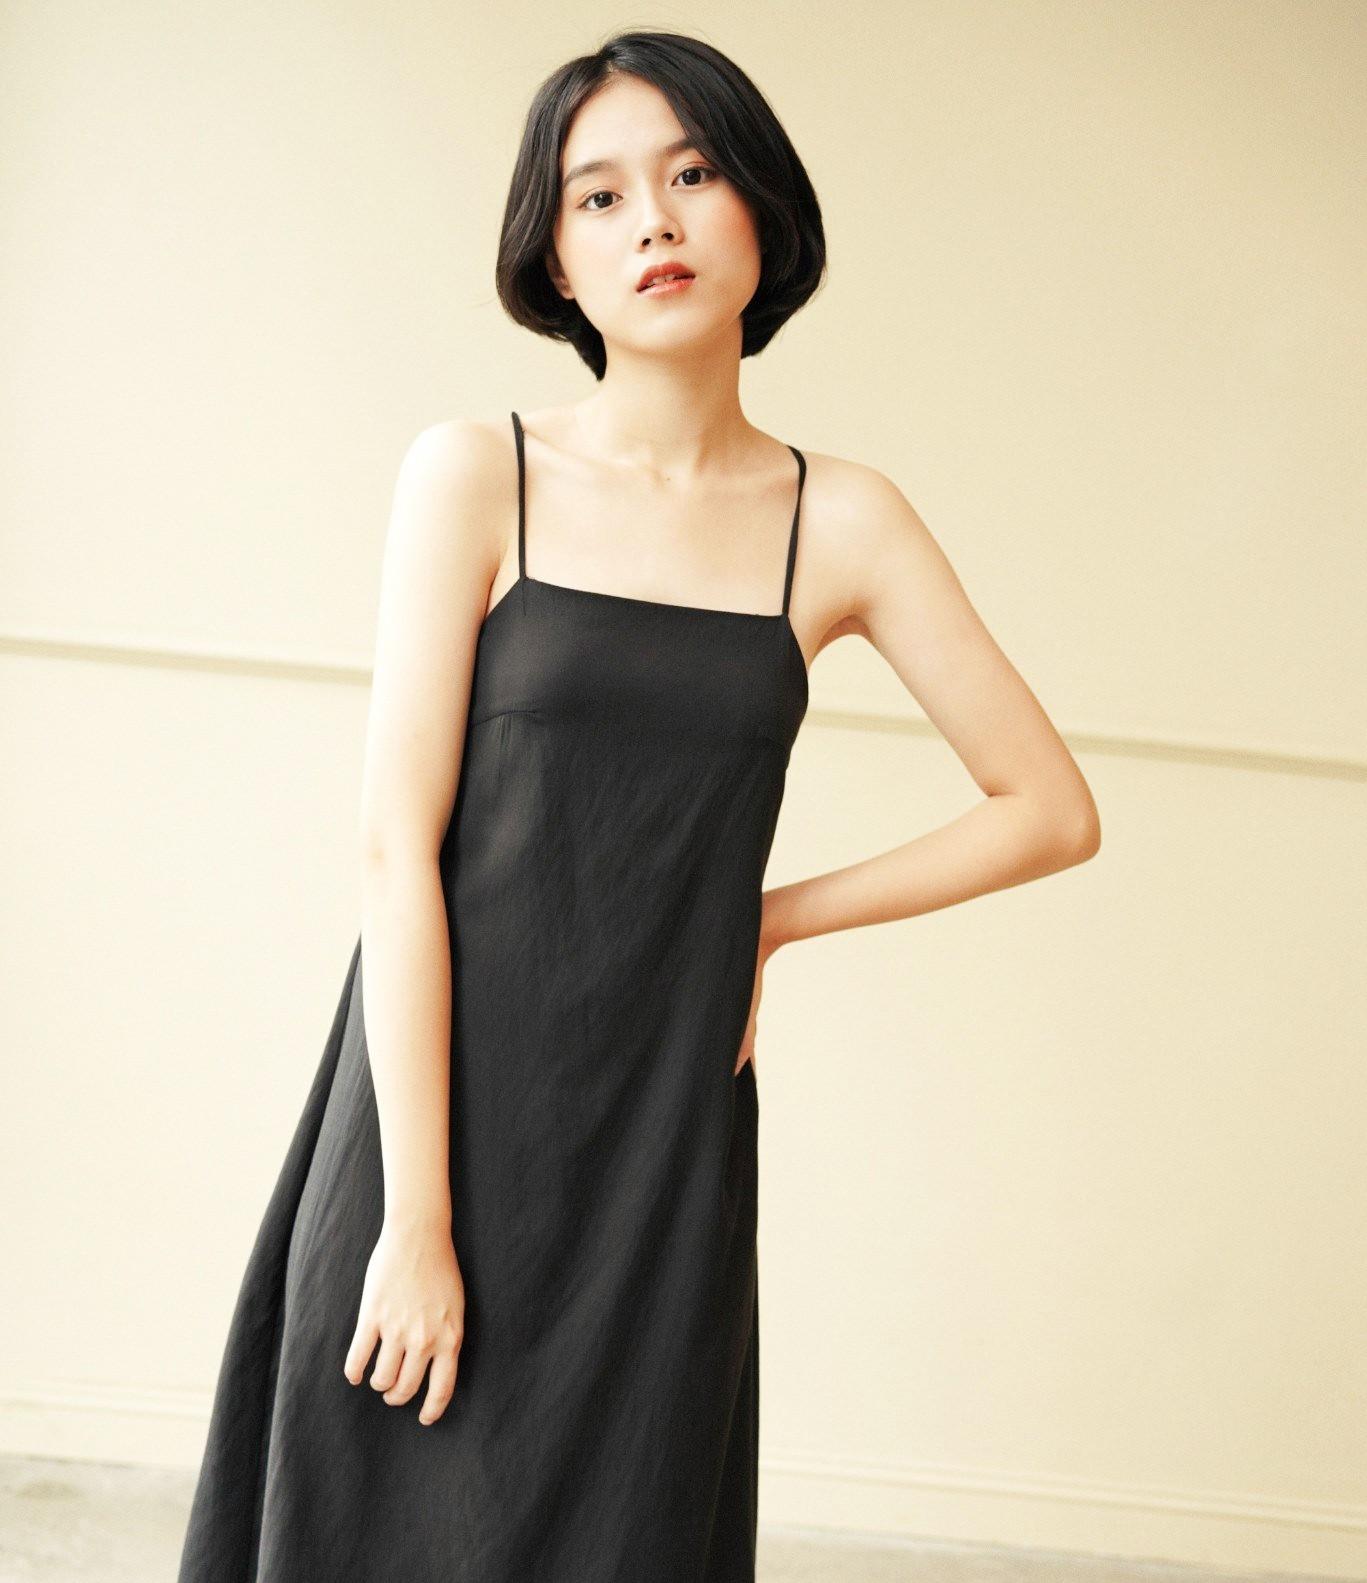 Thiết kế đầm đen tối giản cho thời trang thường ngày